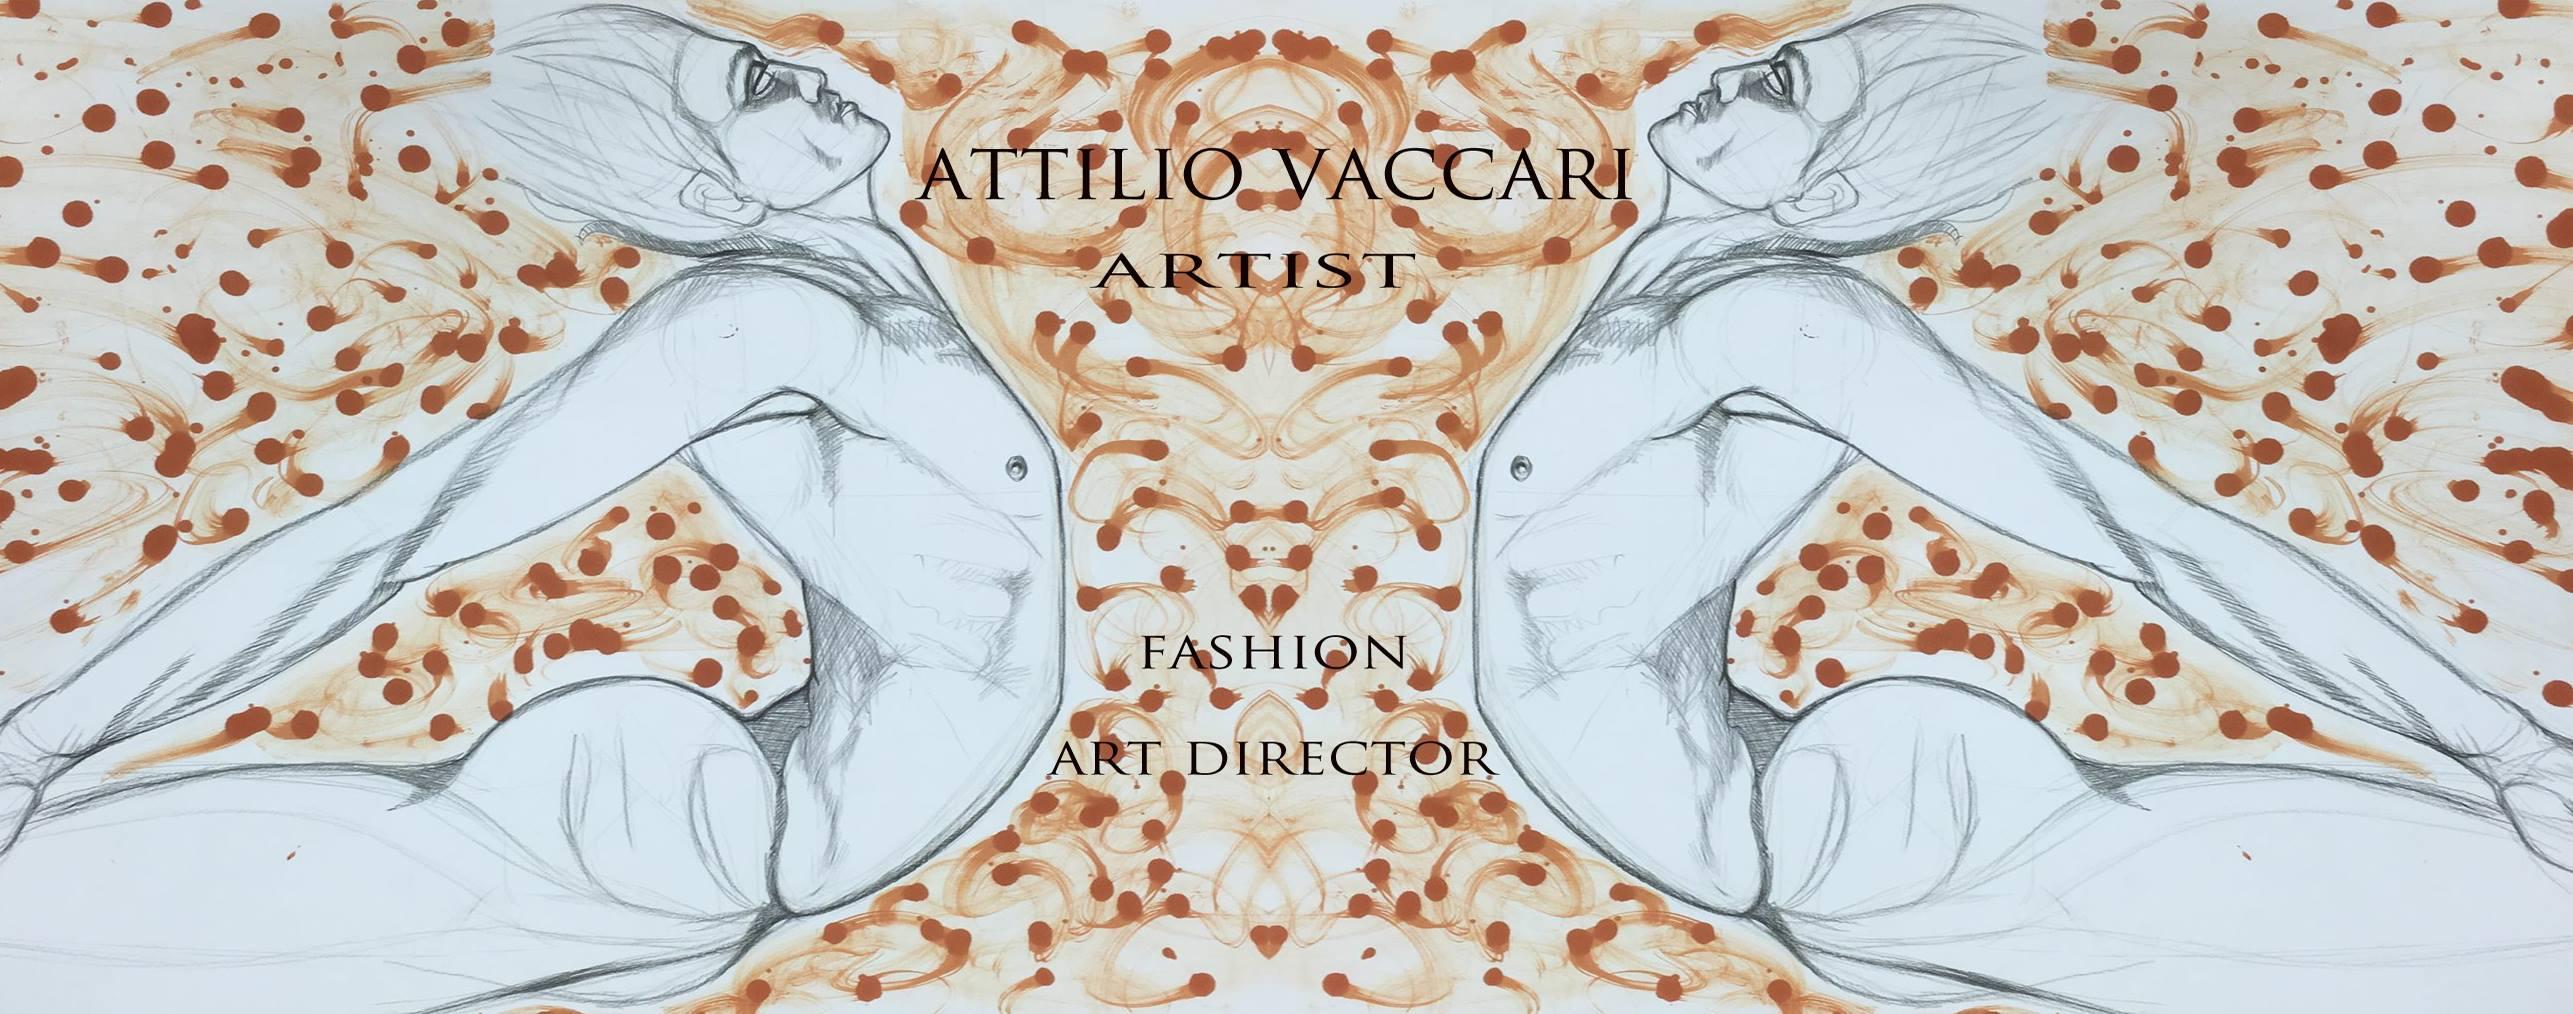 Attilio Vaccari